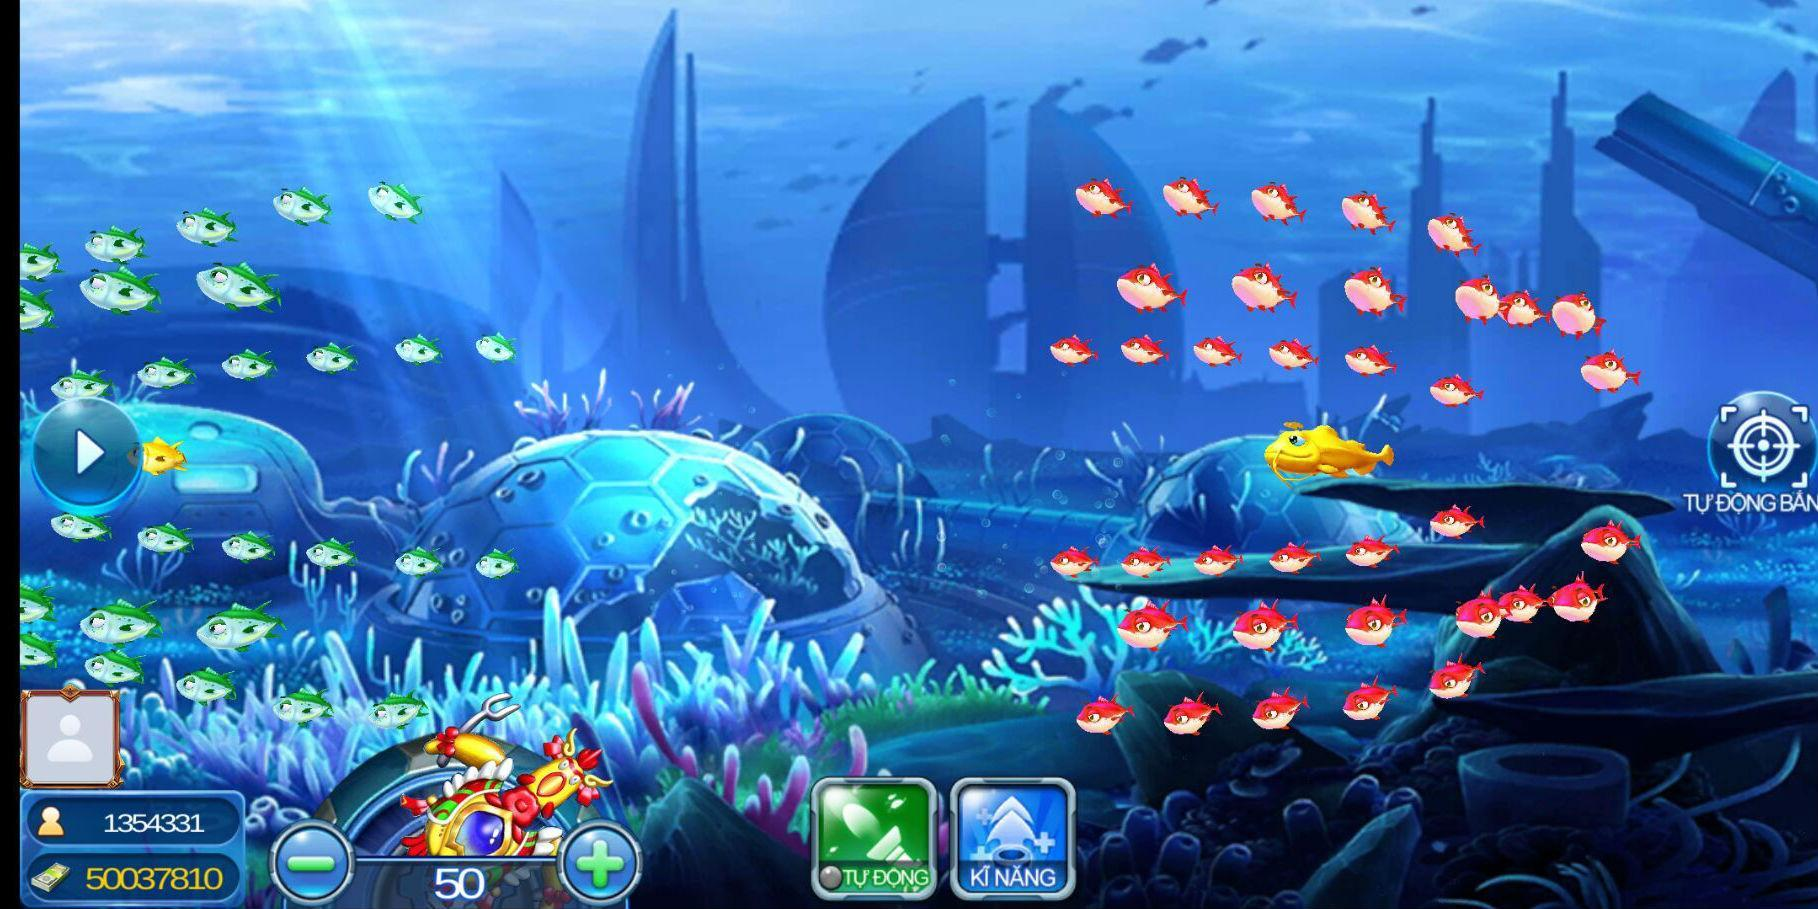 Cá bơi thành đàn dễ bắt trên Bắn Cá Vui